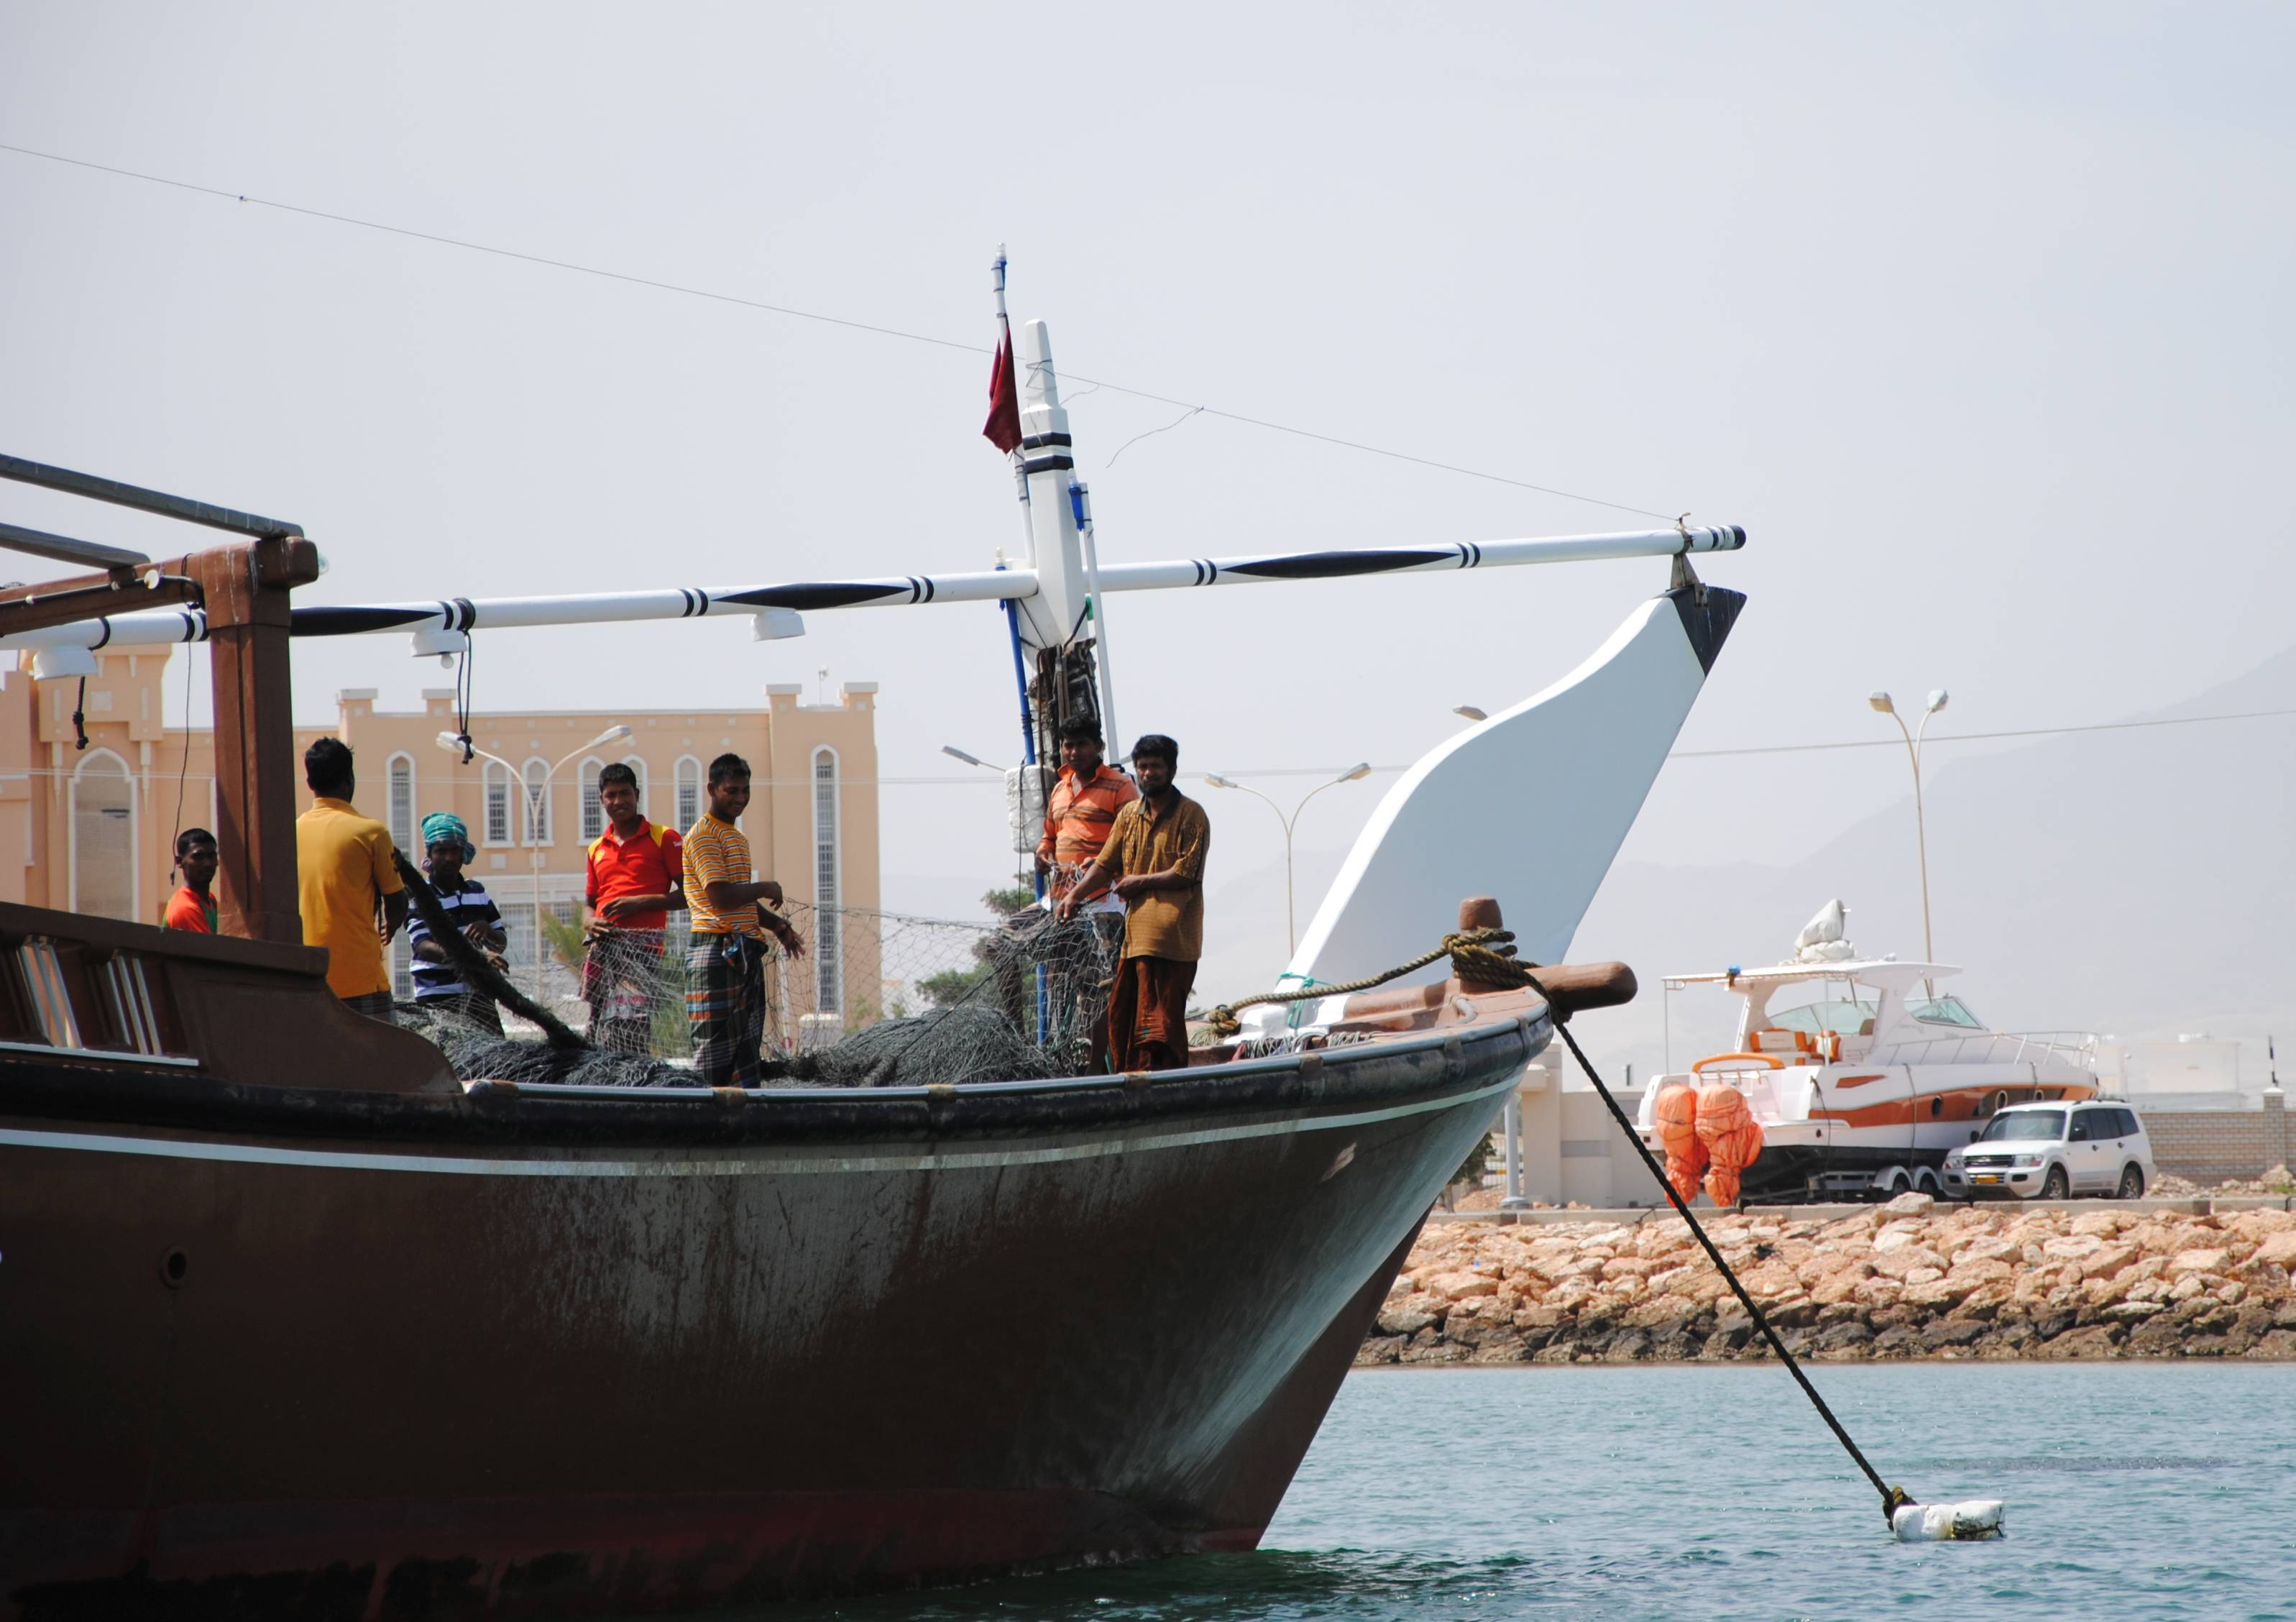 Fischer stehen auf einer Dhau und halten ein Fischernetz